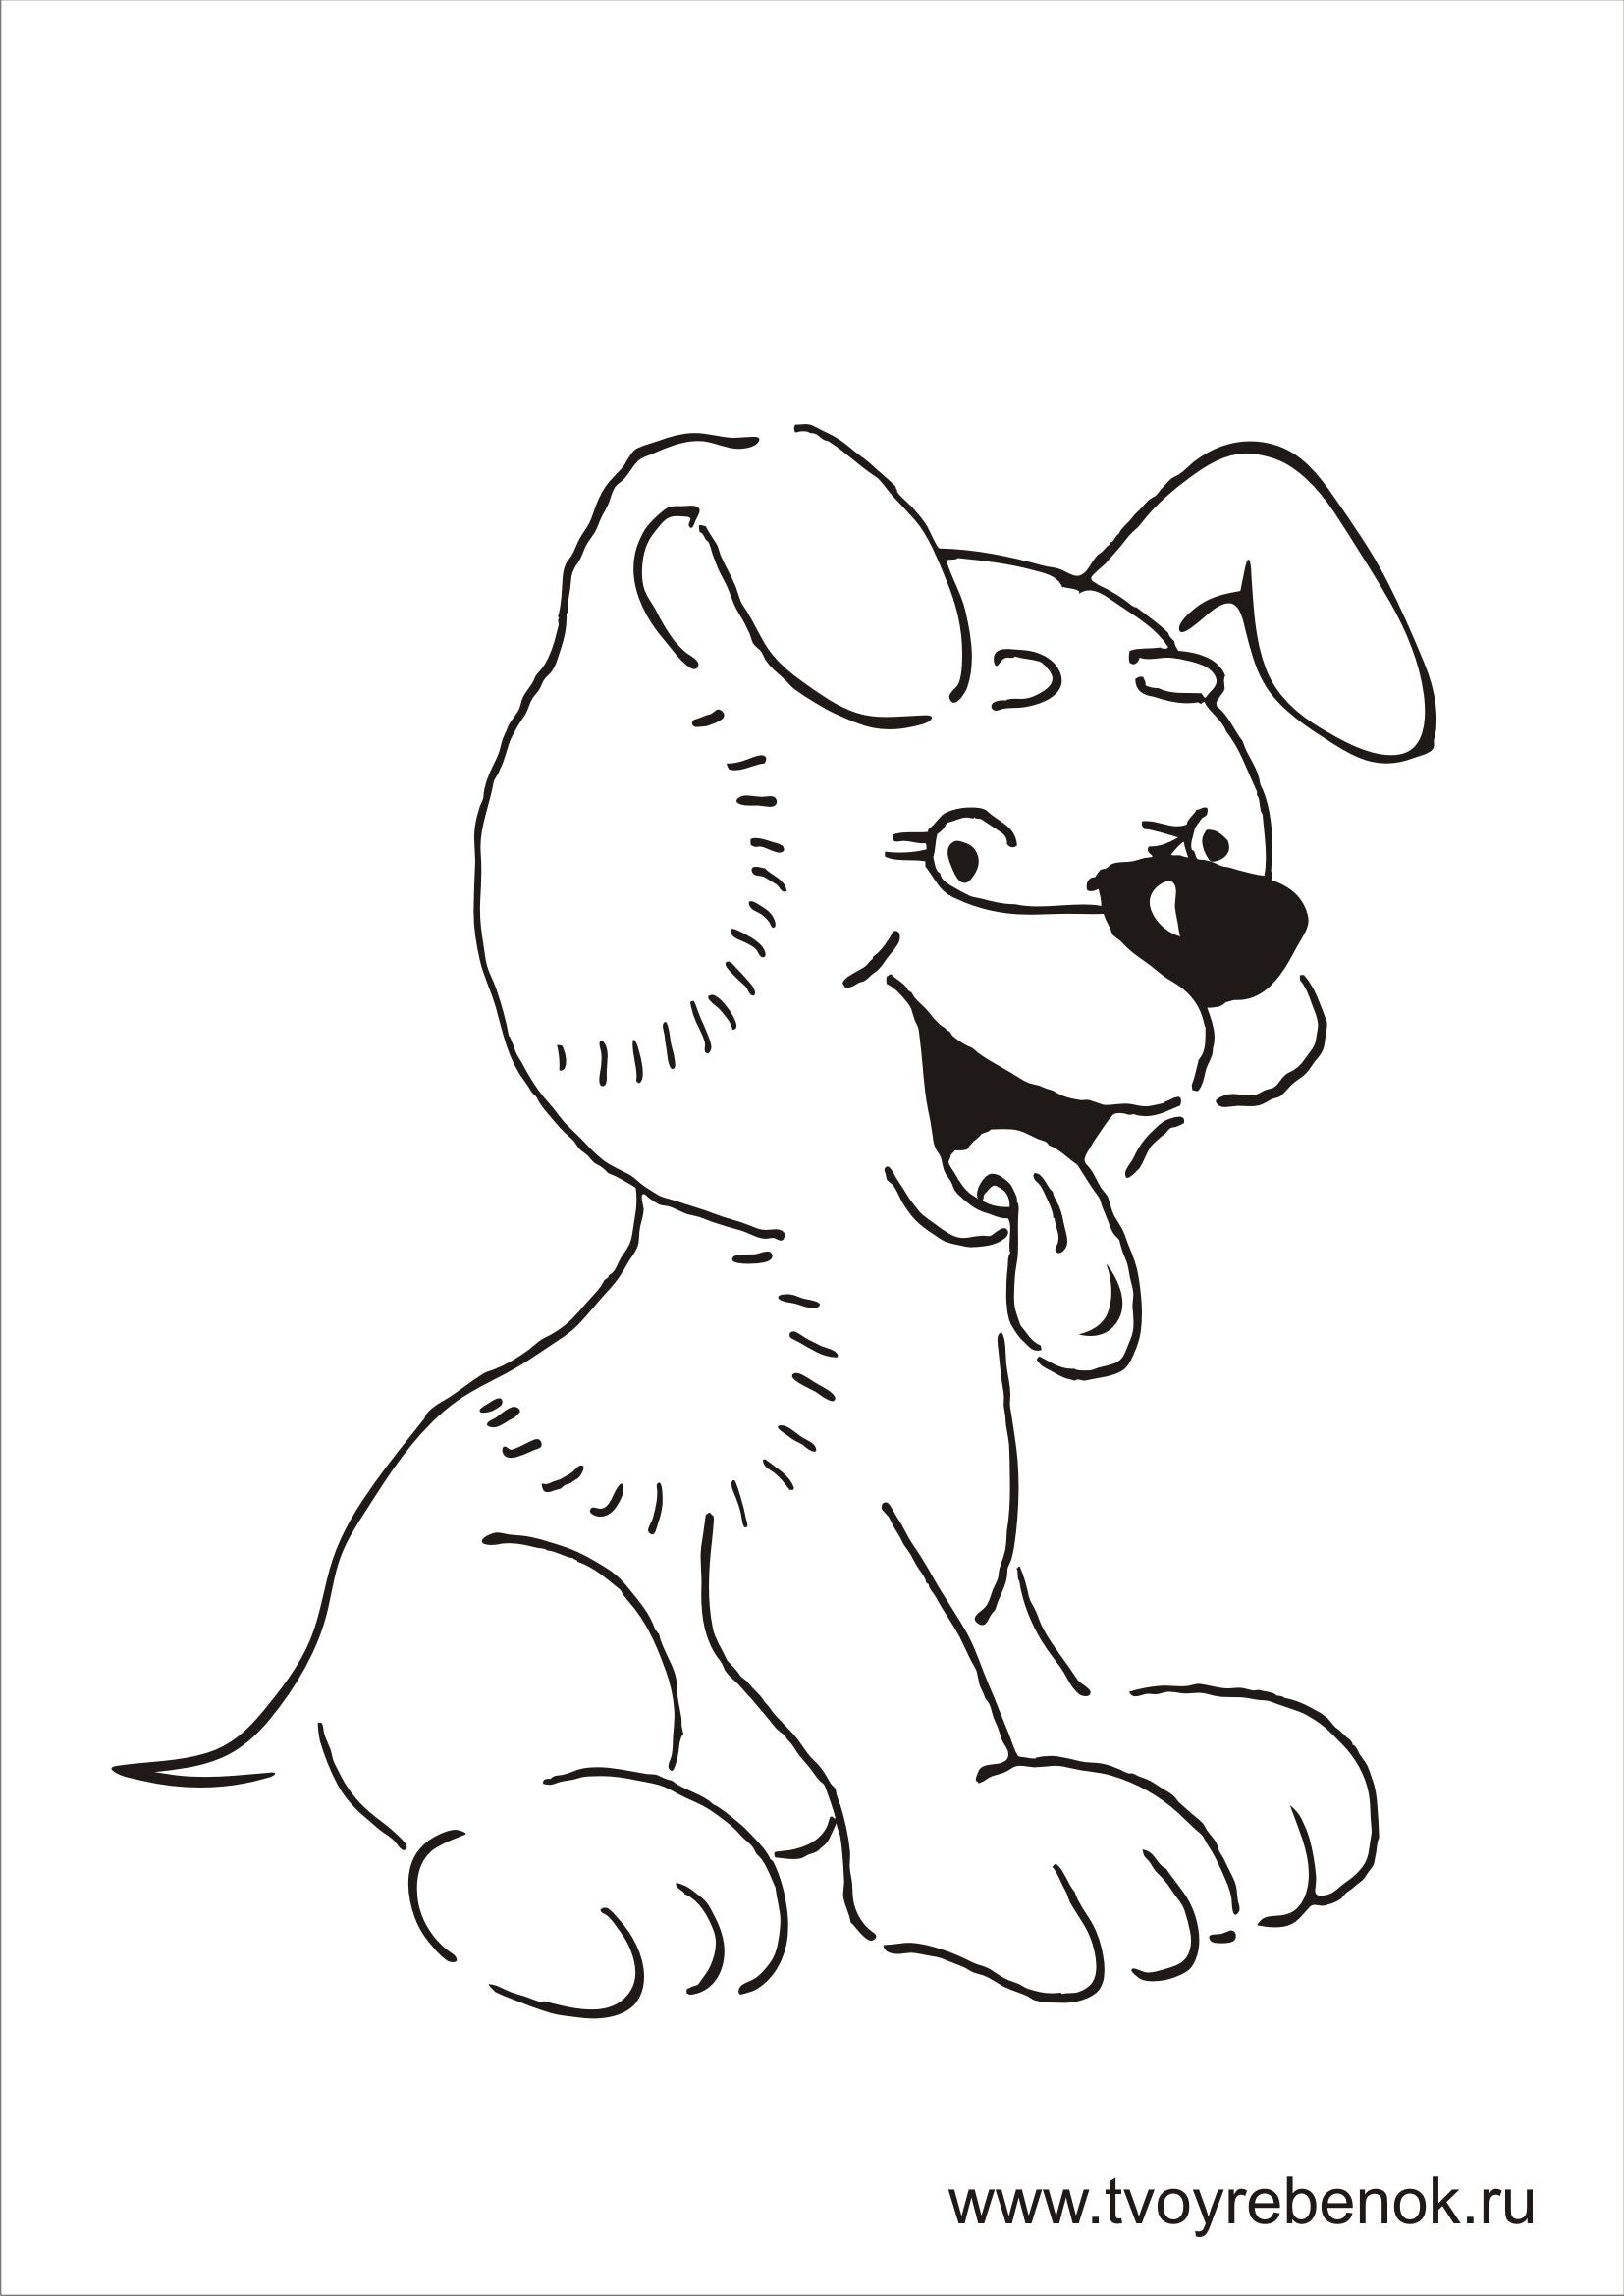 Раскраски для детей собаки